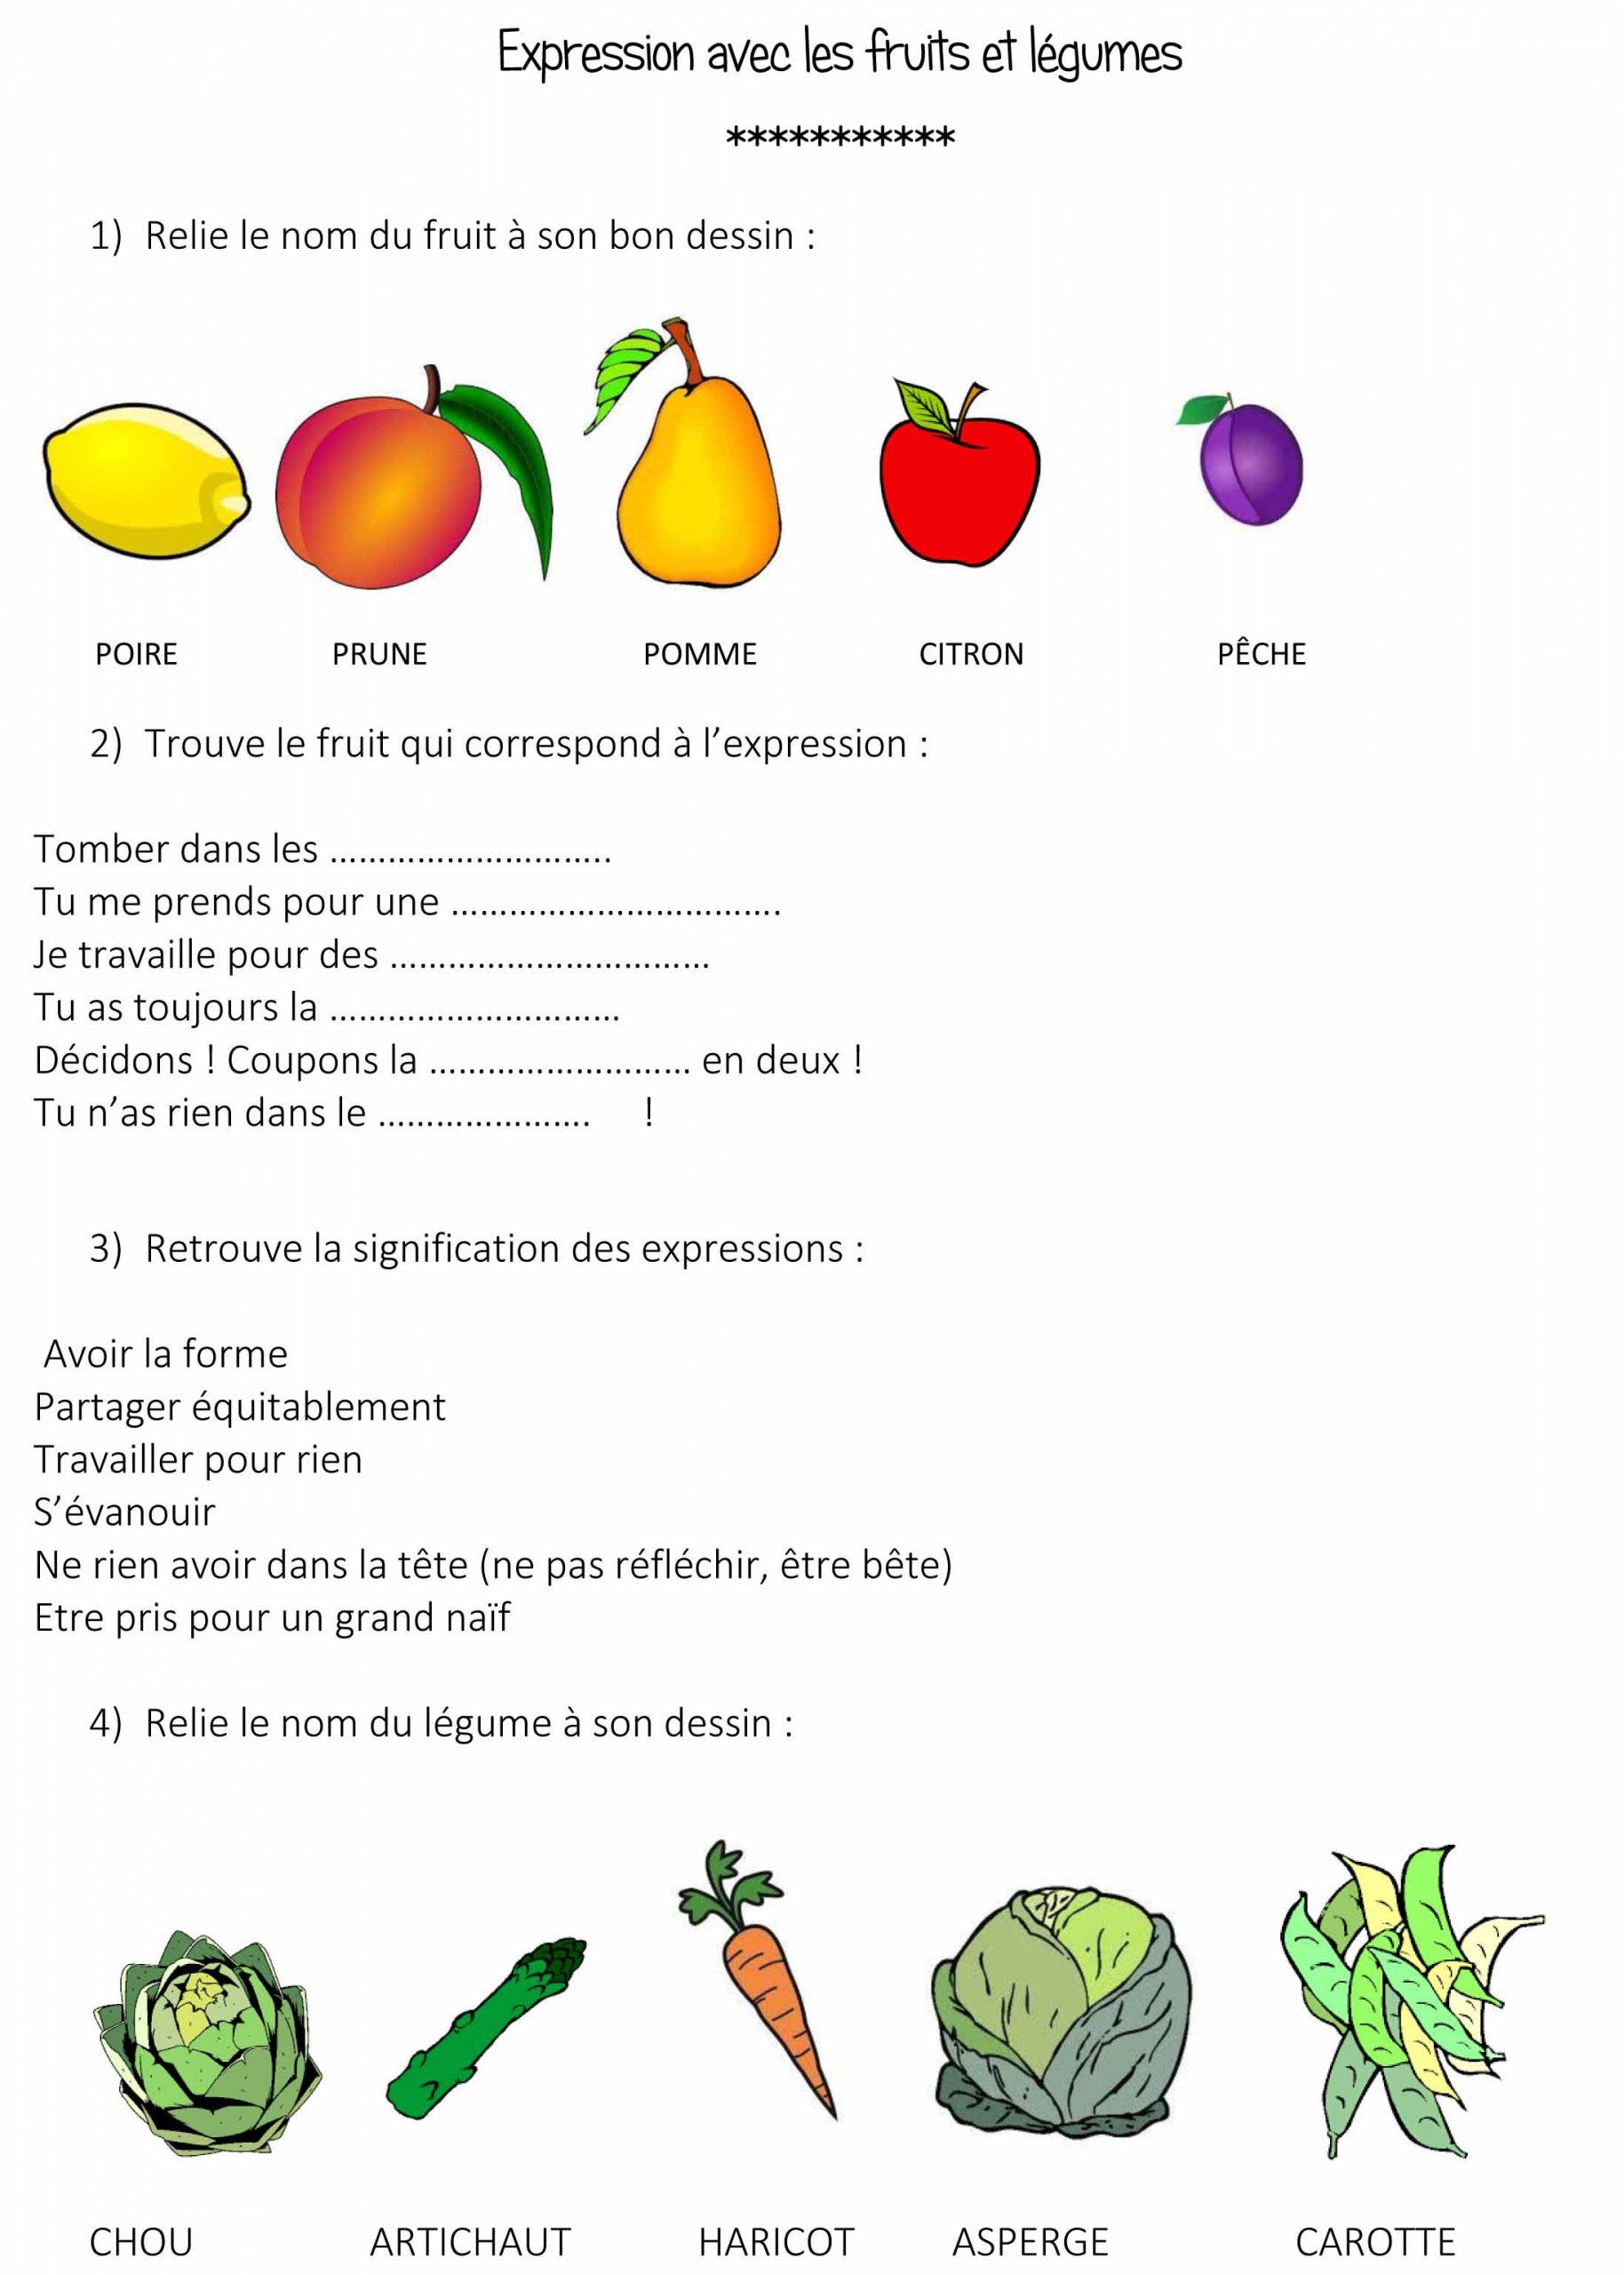 Expressions Utilisant Les Fruits Et Légumes avec Nom Legume